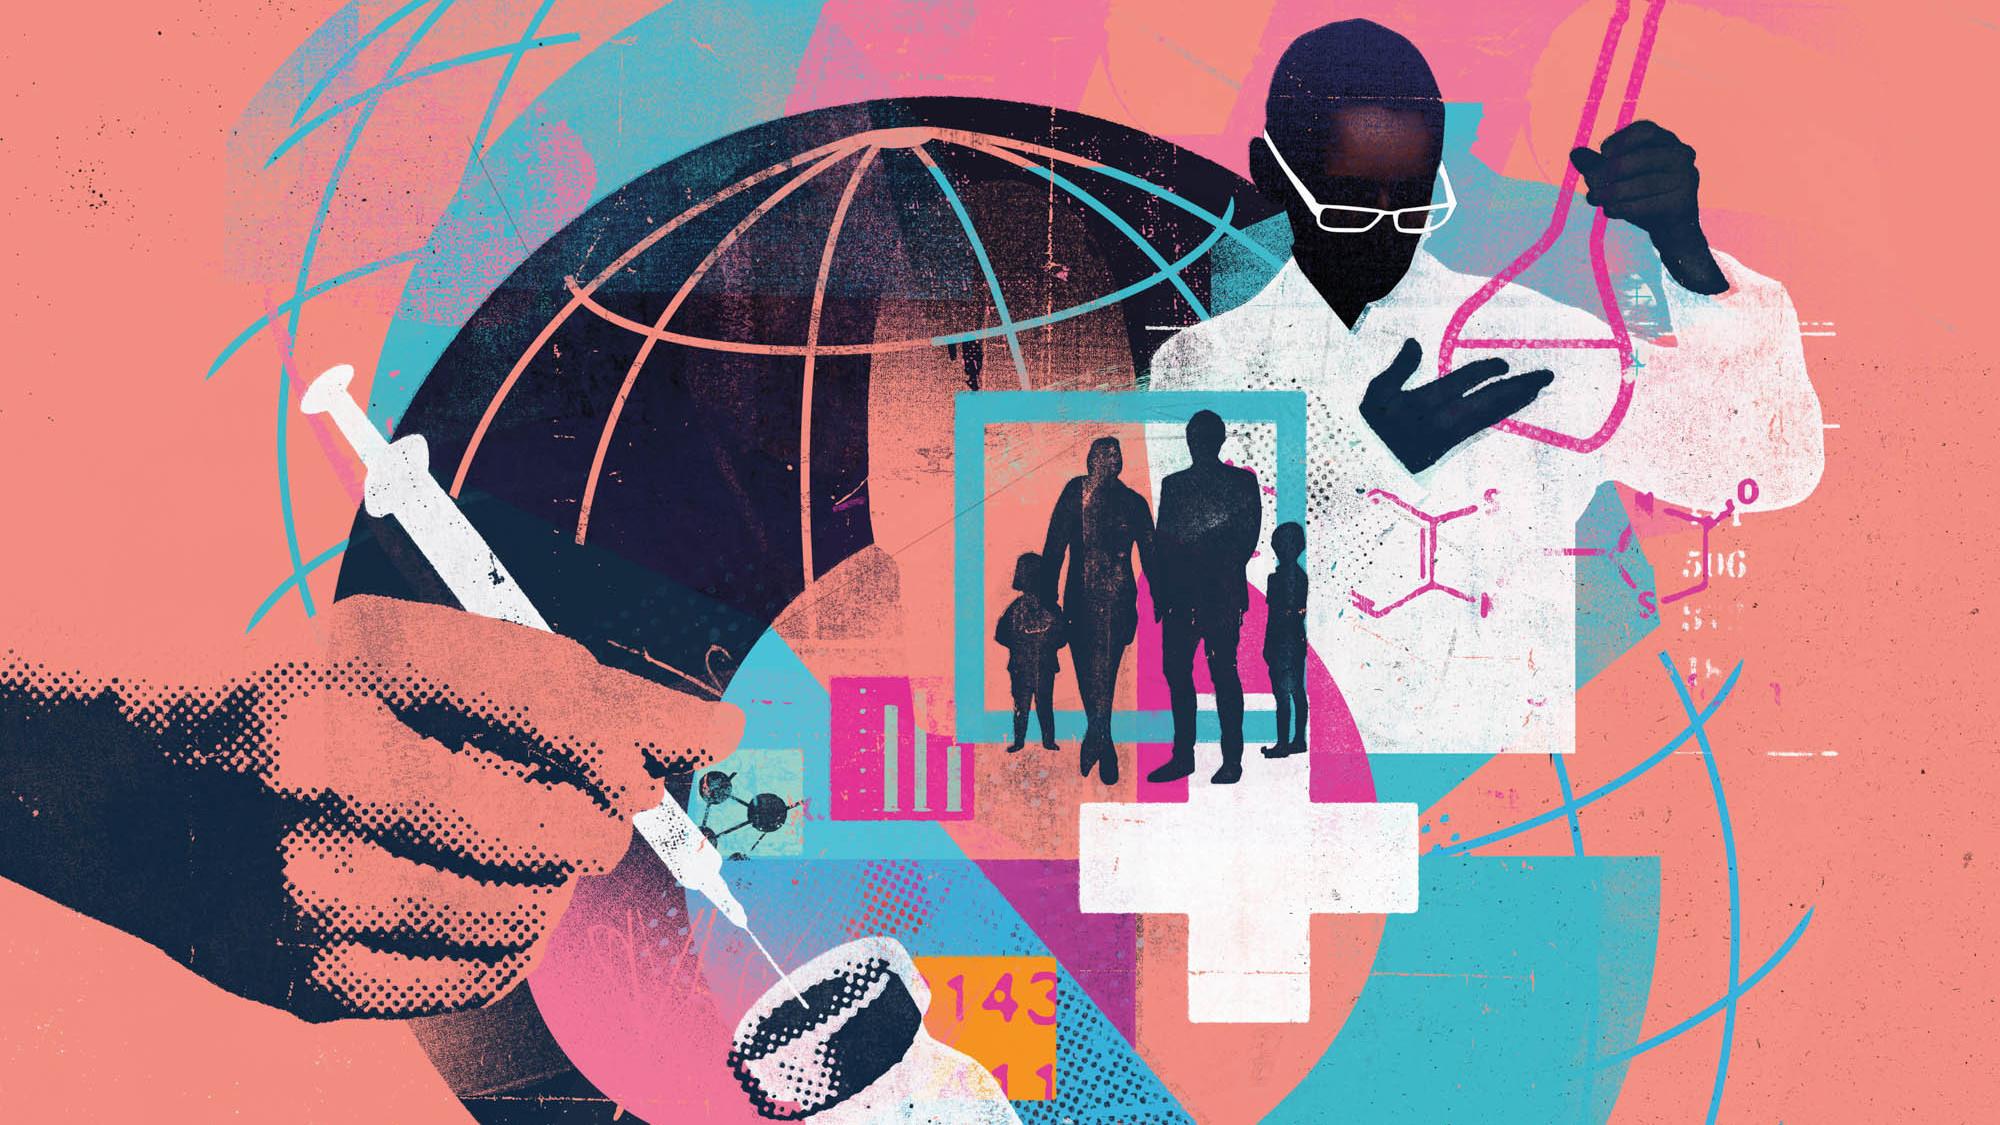 EMA рекомендует включить тромбоз в список редких побочных эффектов AstraZeneca